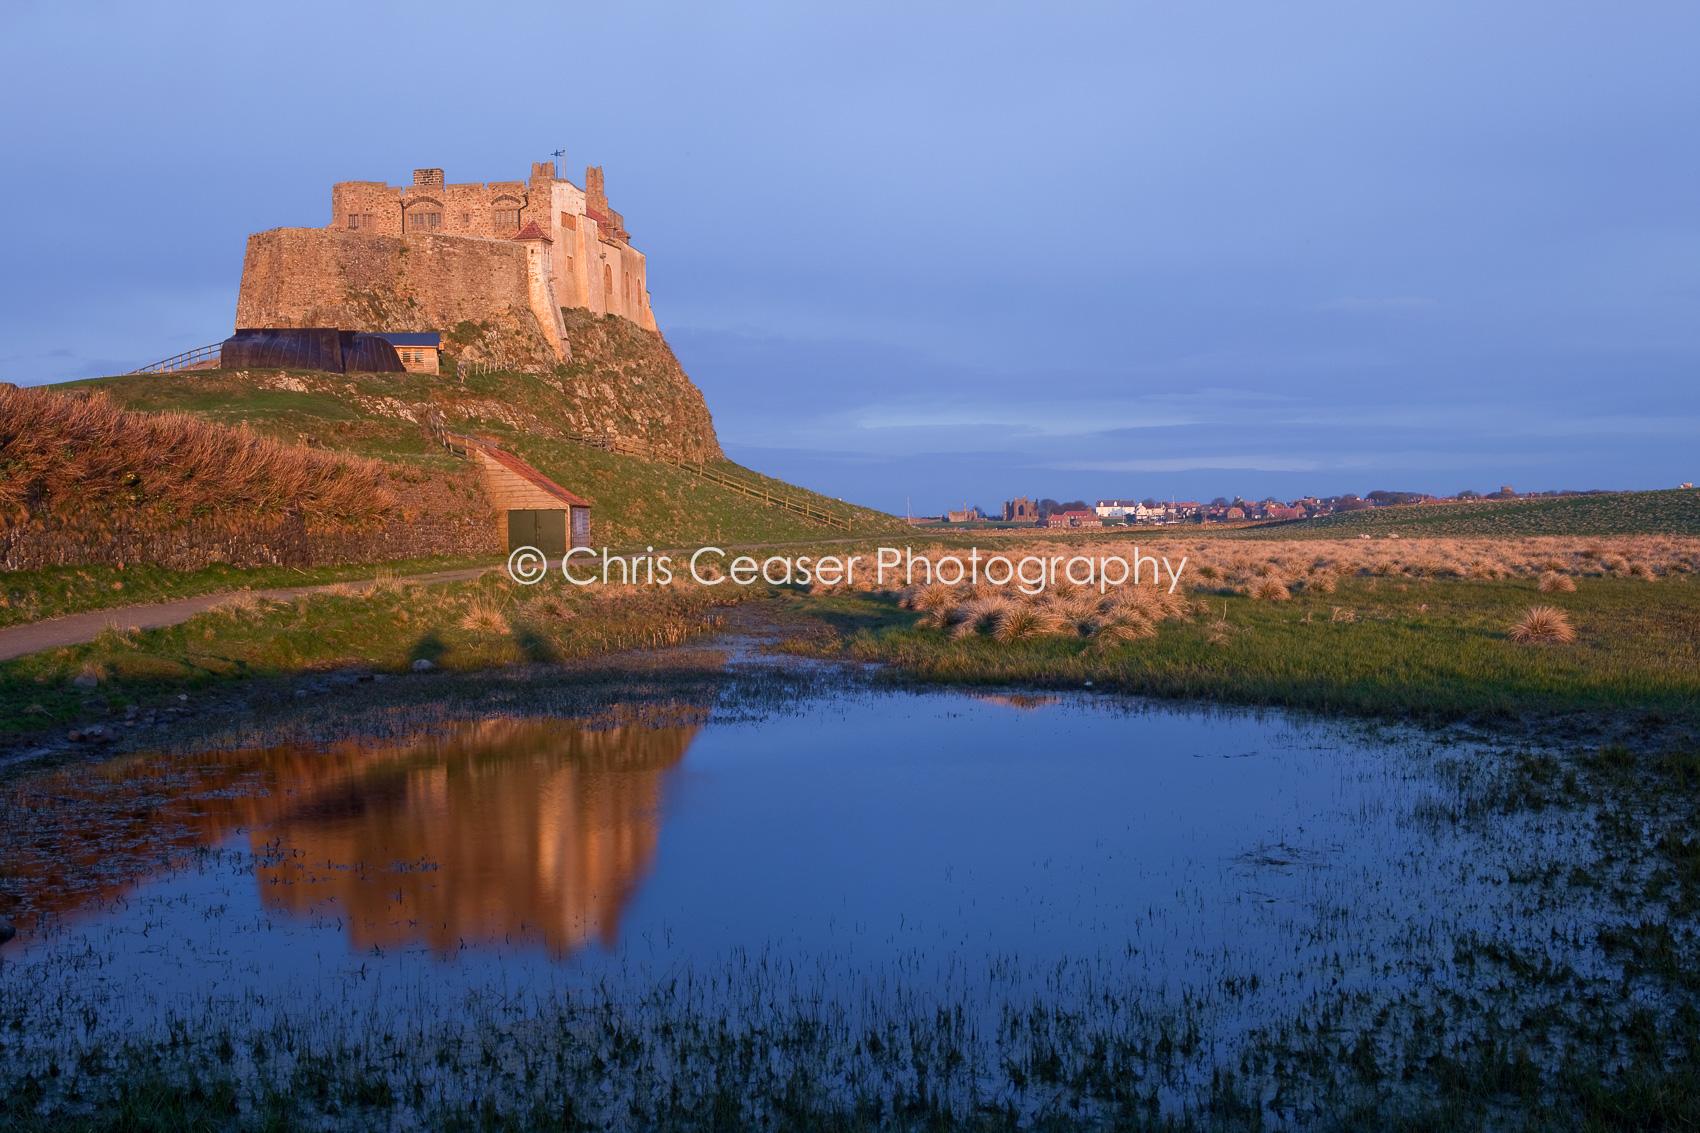 Blue & Gold, Lindisfarne